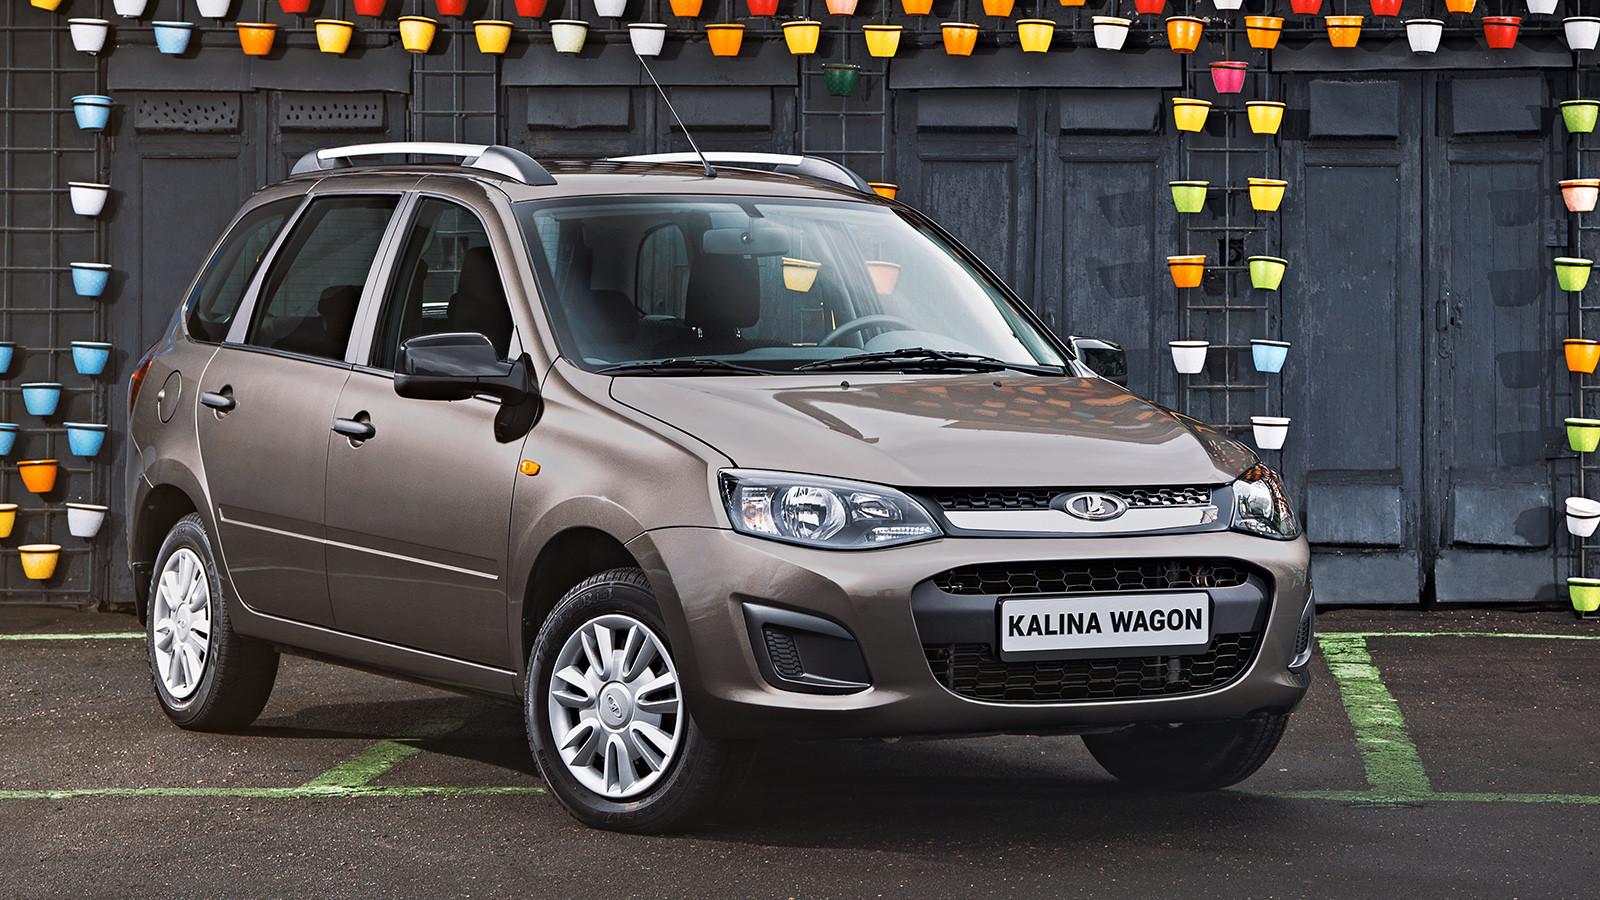 «АвтоВАЗ» готовится поменять платформу для моделей Kalina иGranta